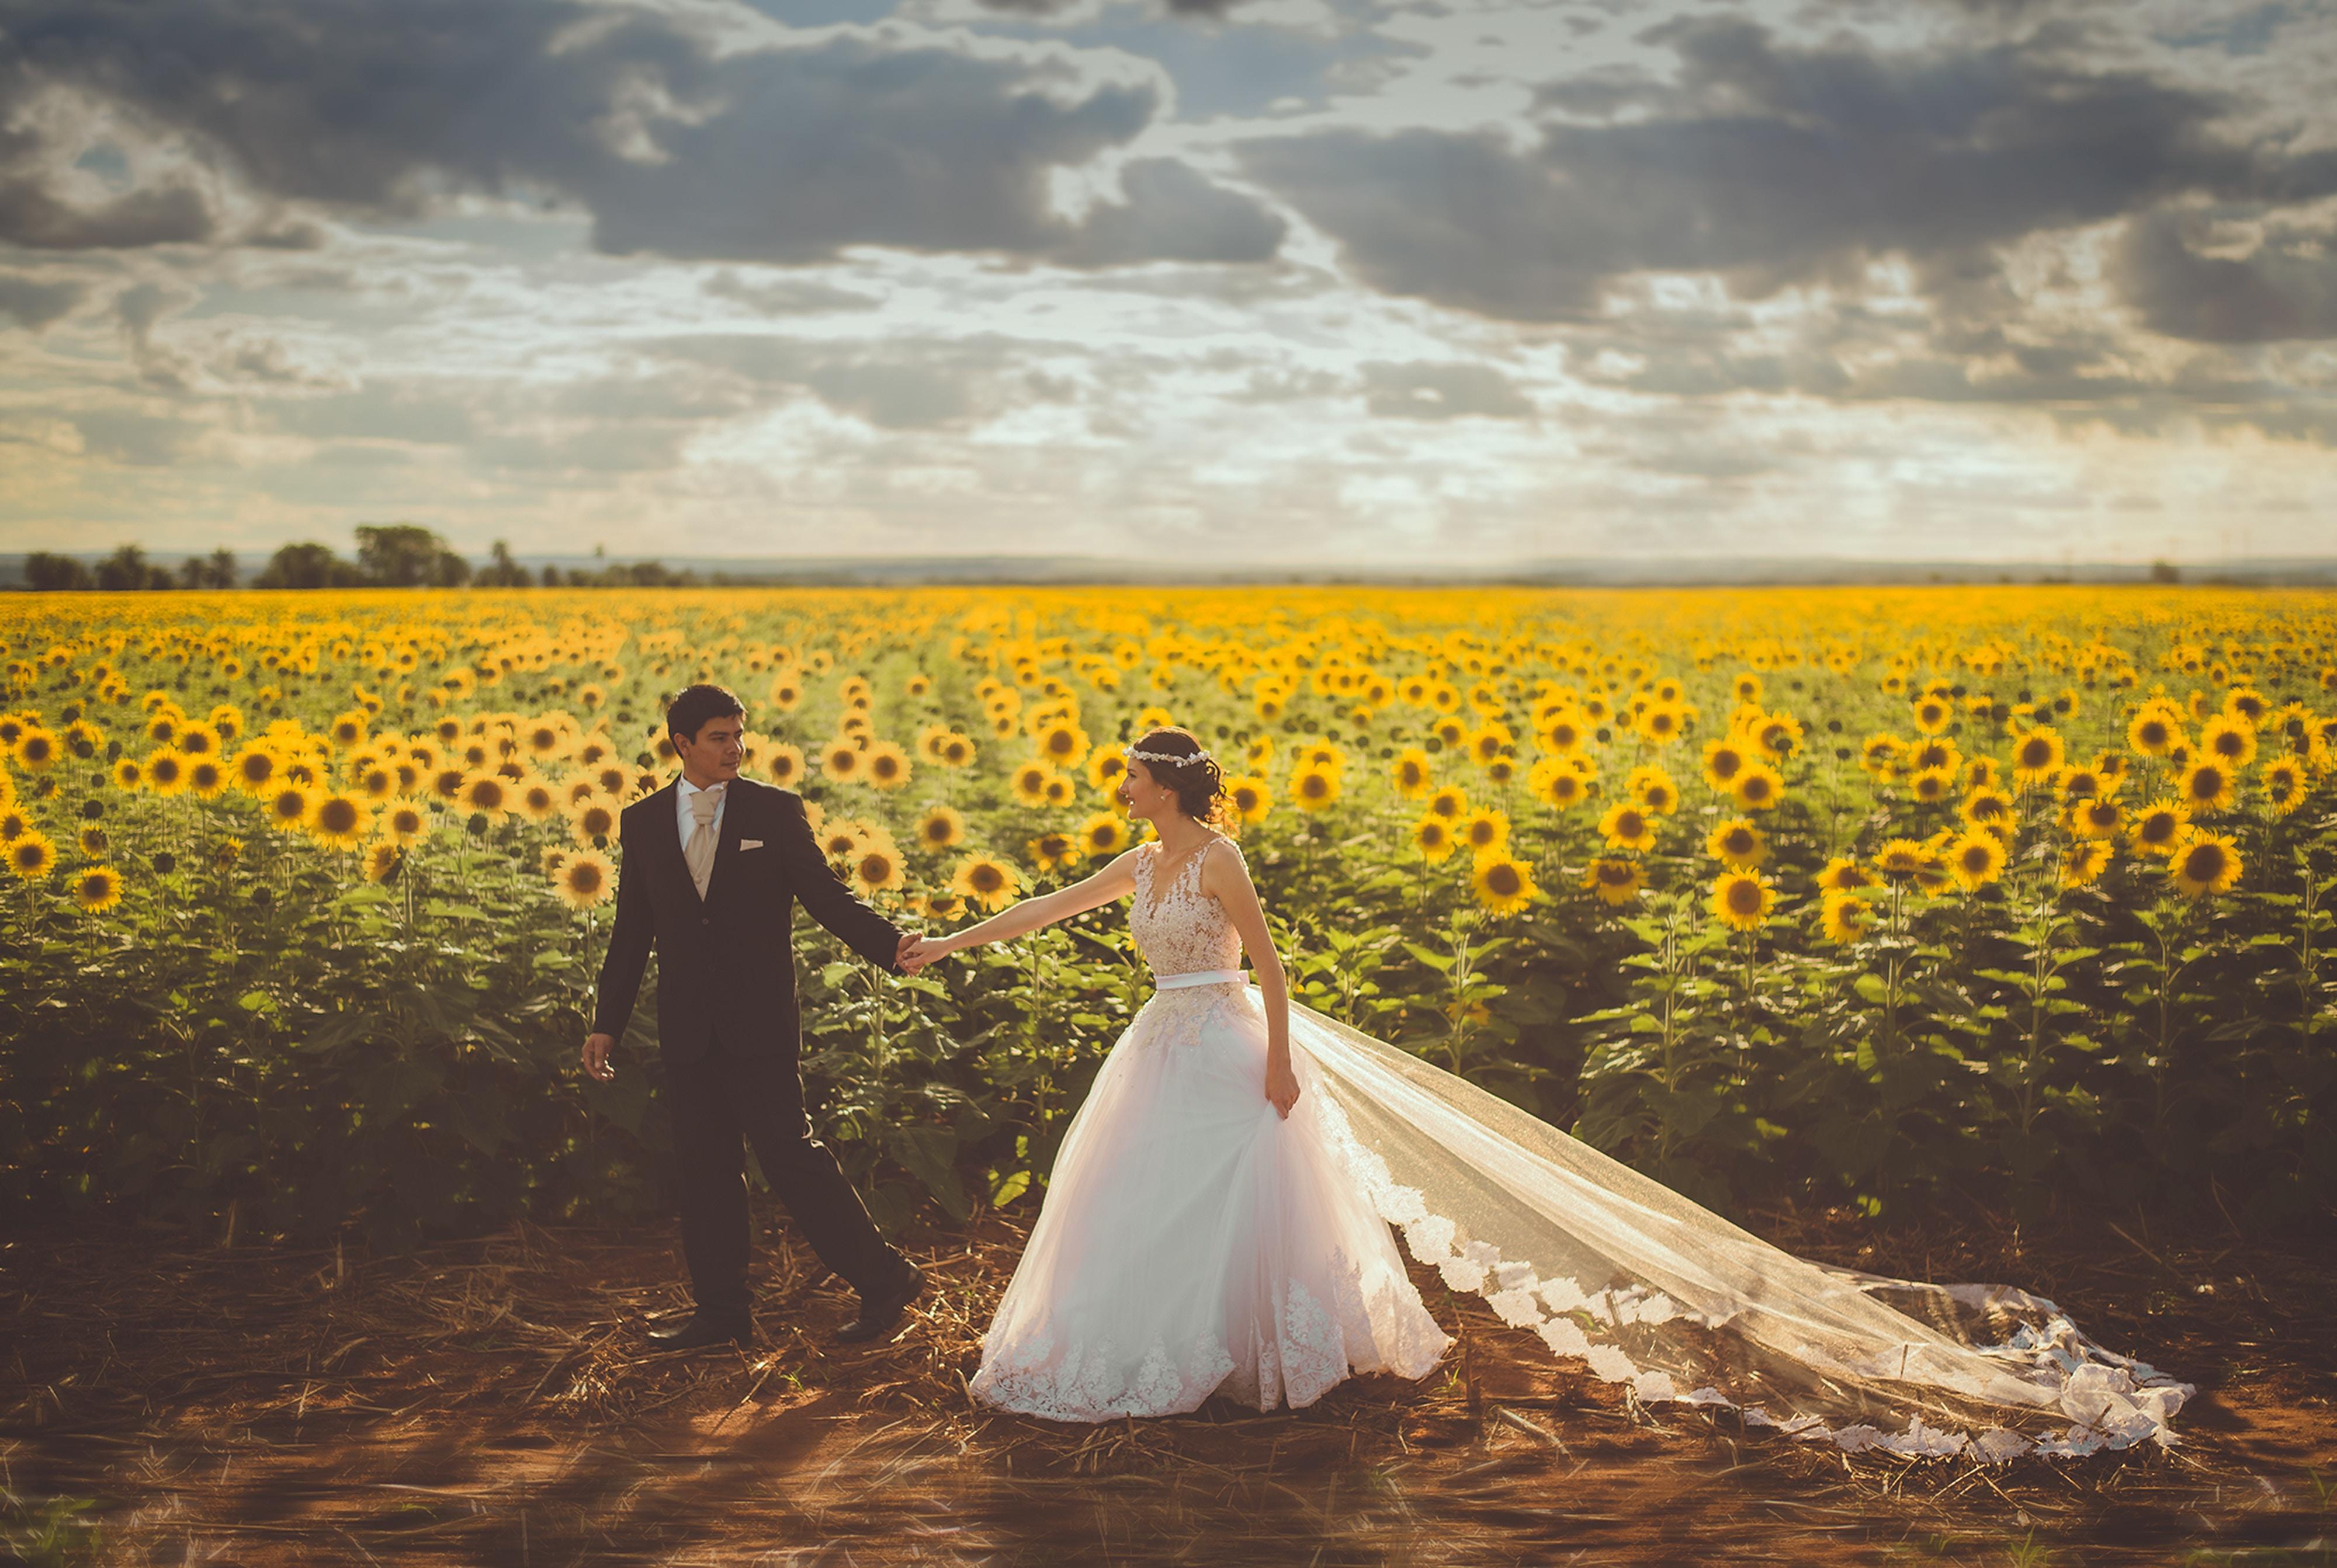 57f50928dffc Är ni på jakt efter en professionell bröllopsfotograf så har de ofta  portfolio och arbetsprover på hemsidan. Bröllopsdagen varar bara en dag men  bilderna ...